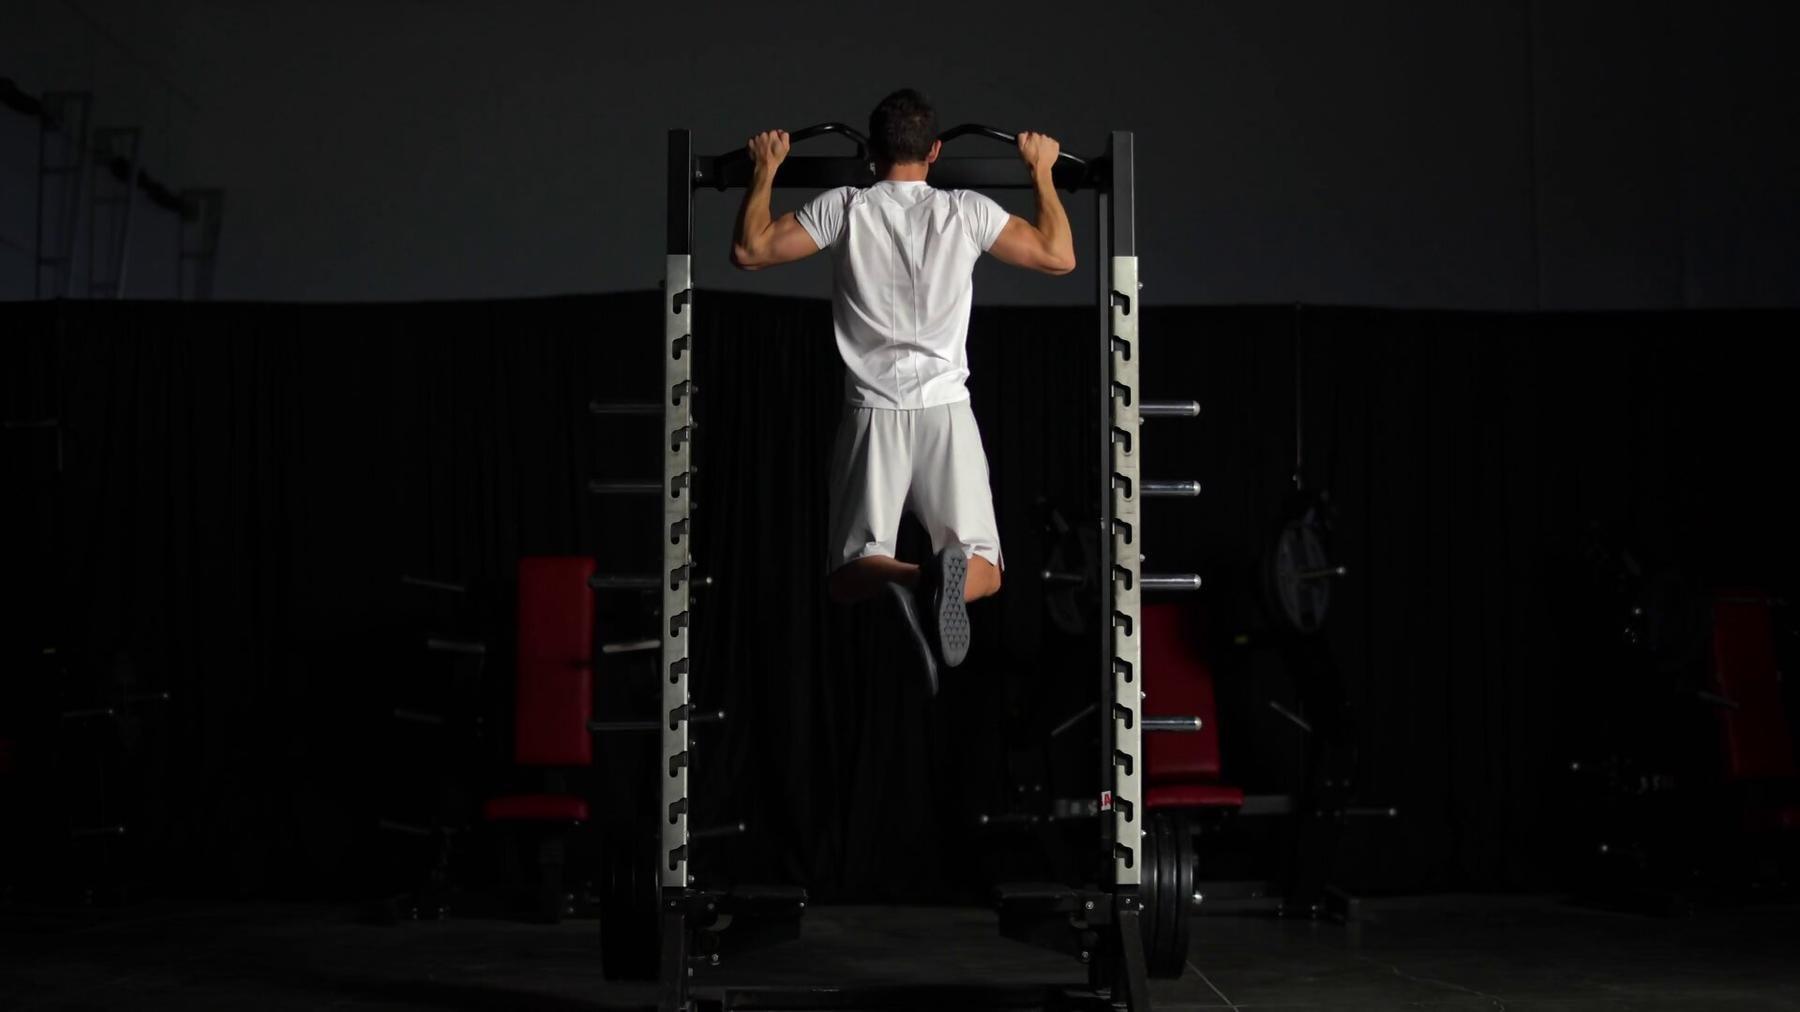 Húzódzkodás edzésterv | Technikák, melyekkel fejlesztheted a húzódzkodást